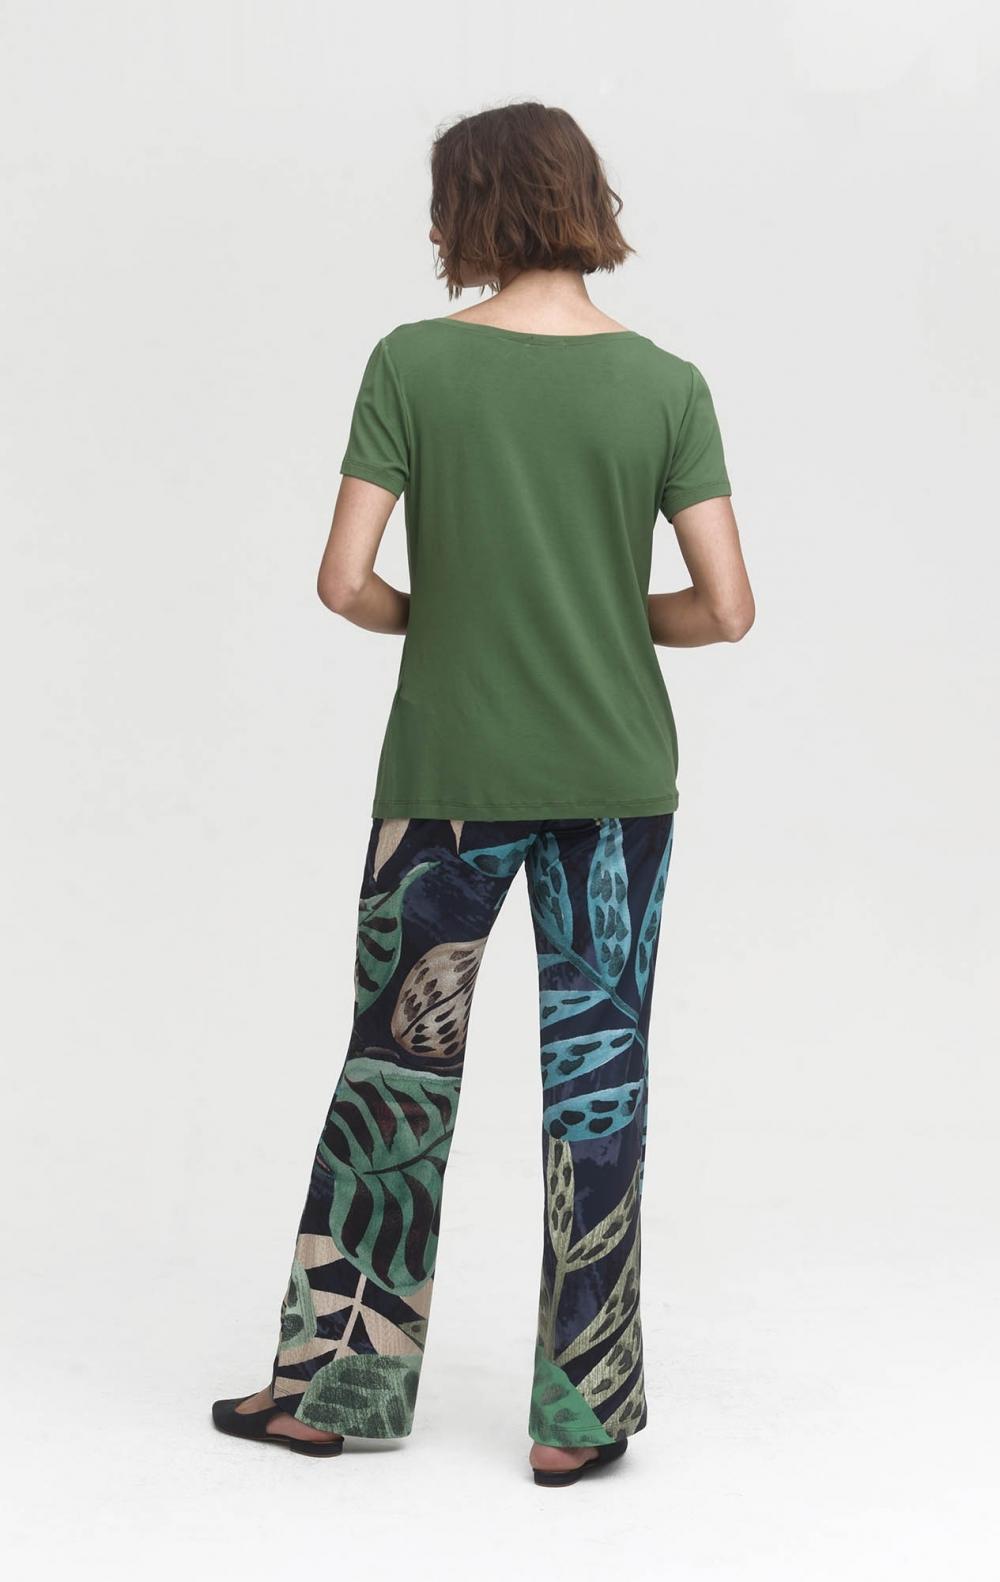 Calça Pantalona Malha Deise Estampada  - Foto 2